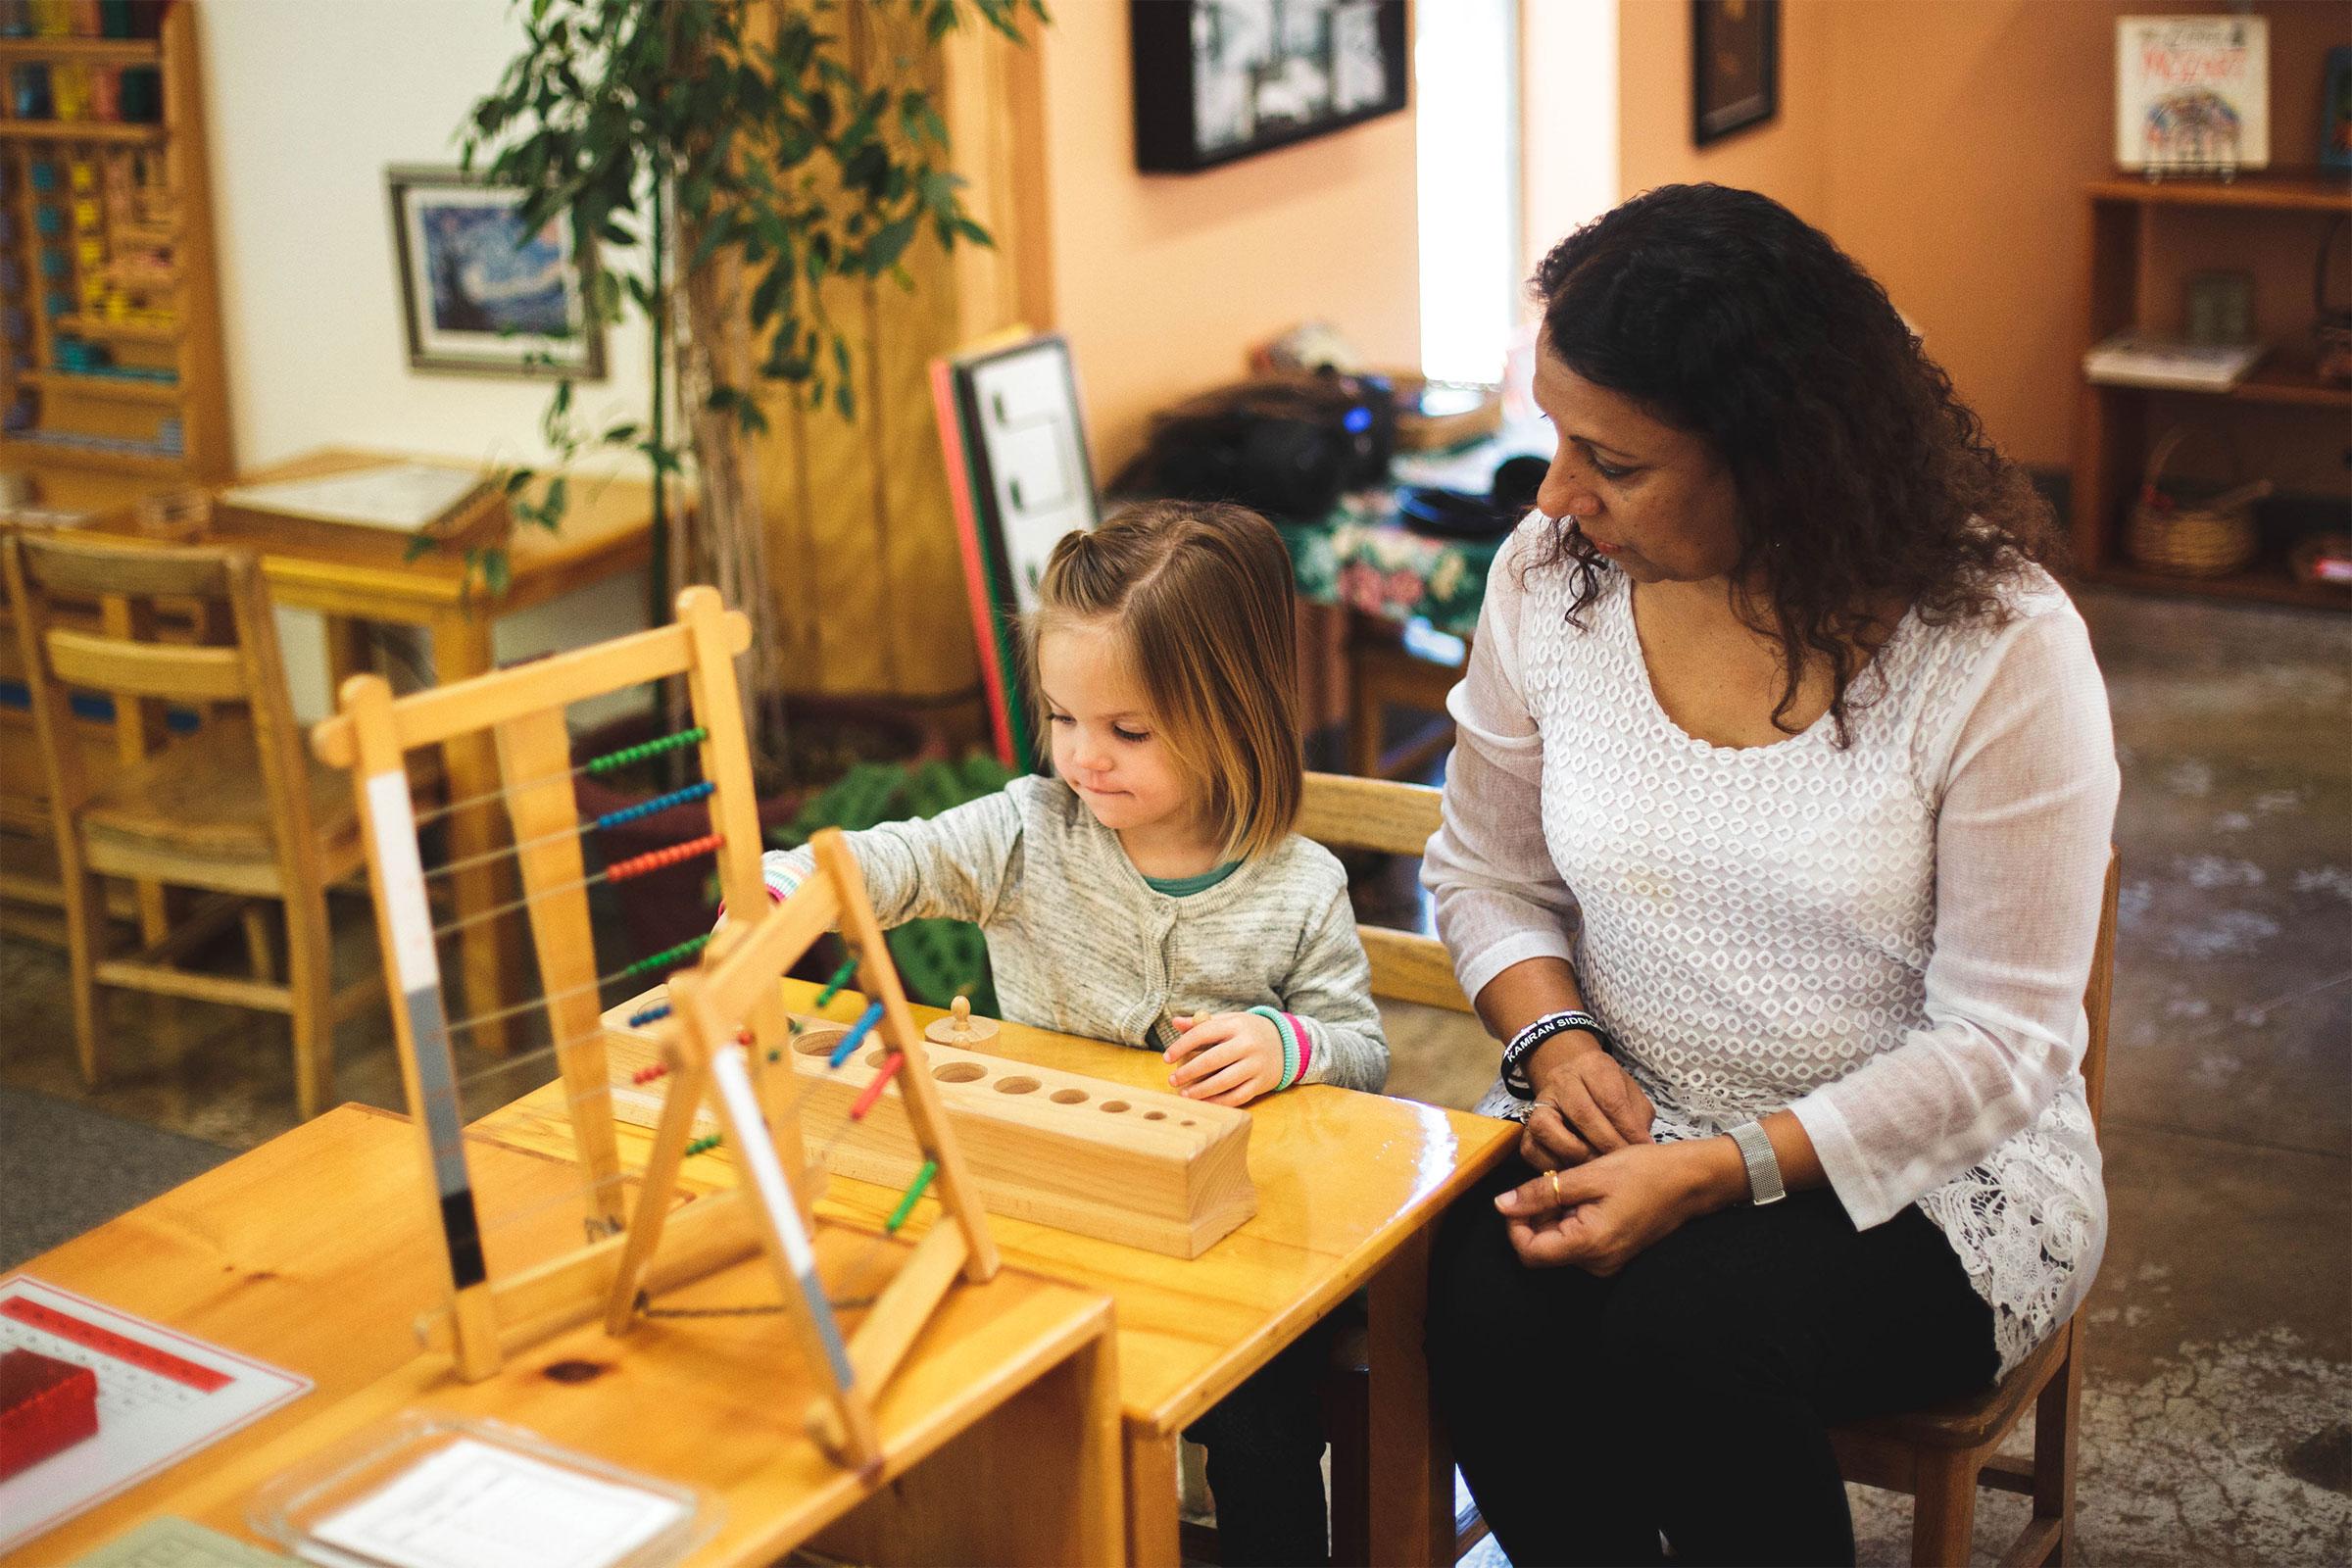 Directress watches child using Montessori materials